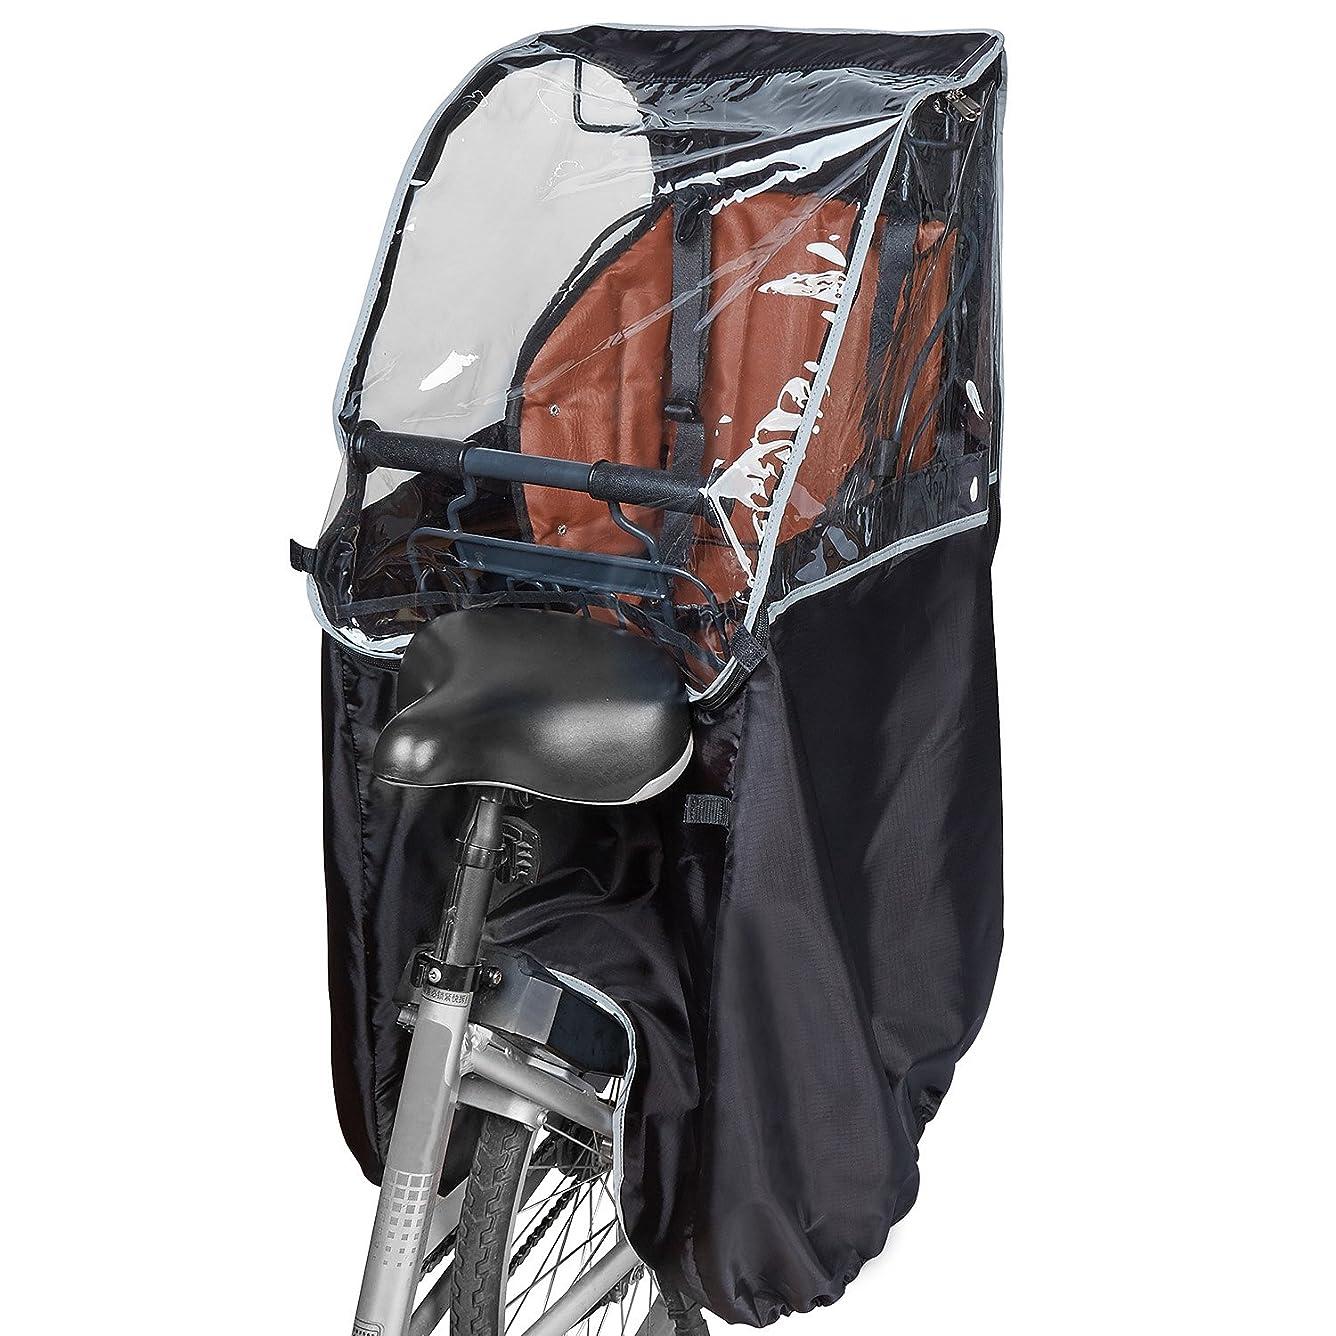 役に立たない毛布トラフLitian 自転車レインカバー チャイルドシート 風防レインカバー 自転車 うしろ 子乗せ用レインカバー ソフト 撥水加工 専用袋付